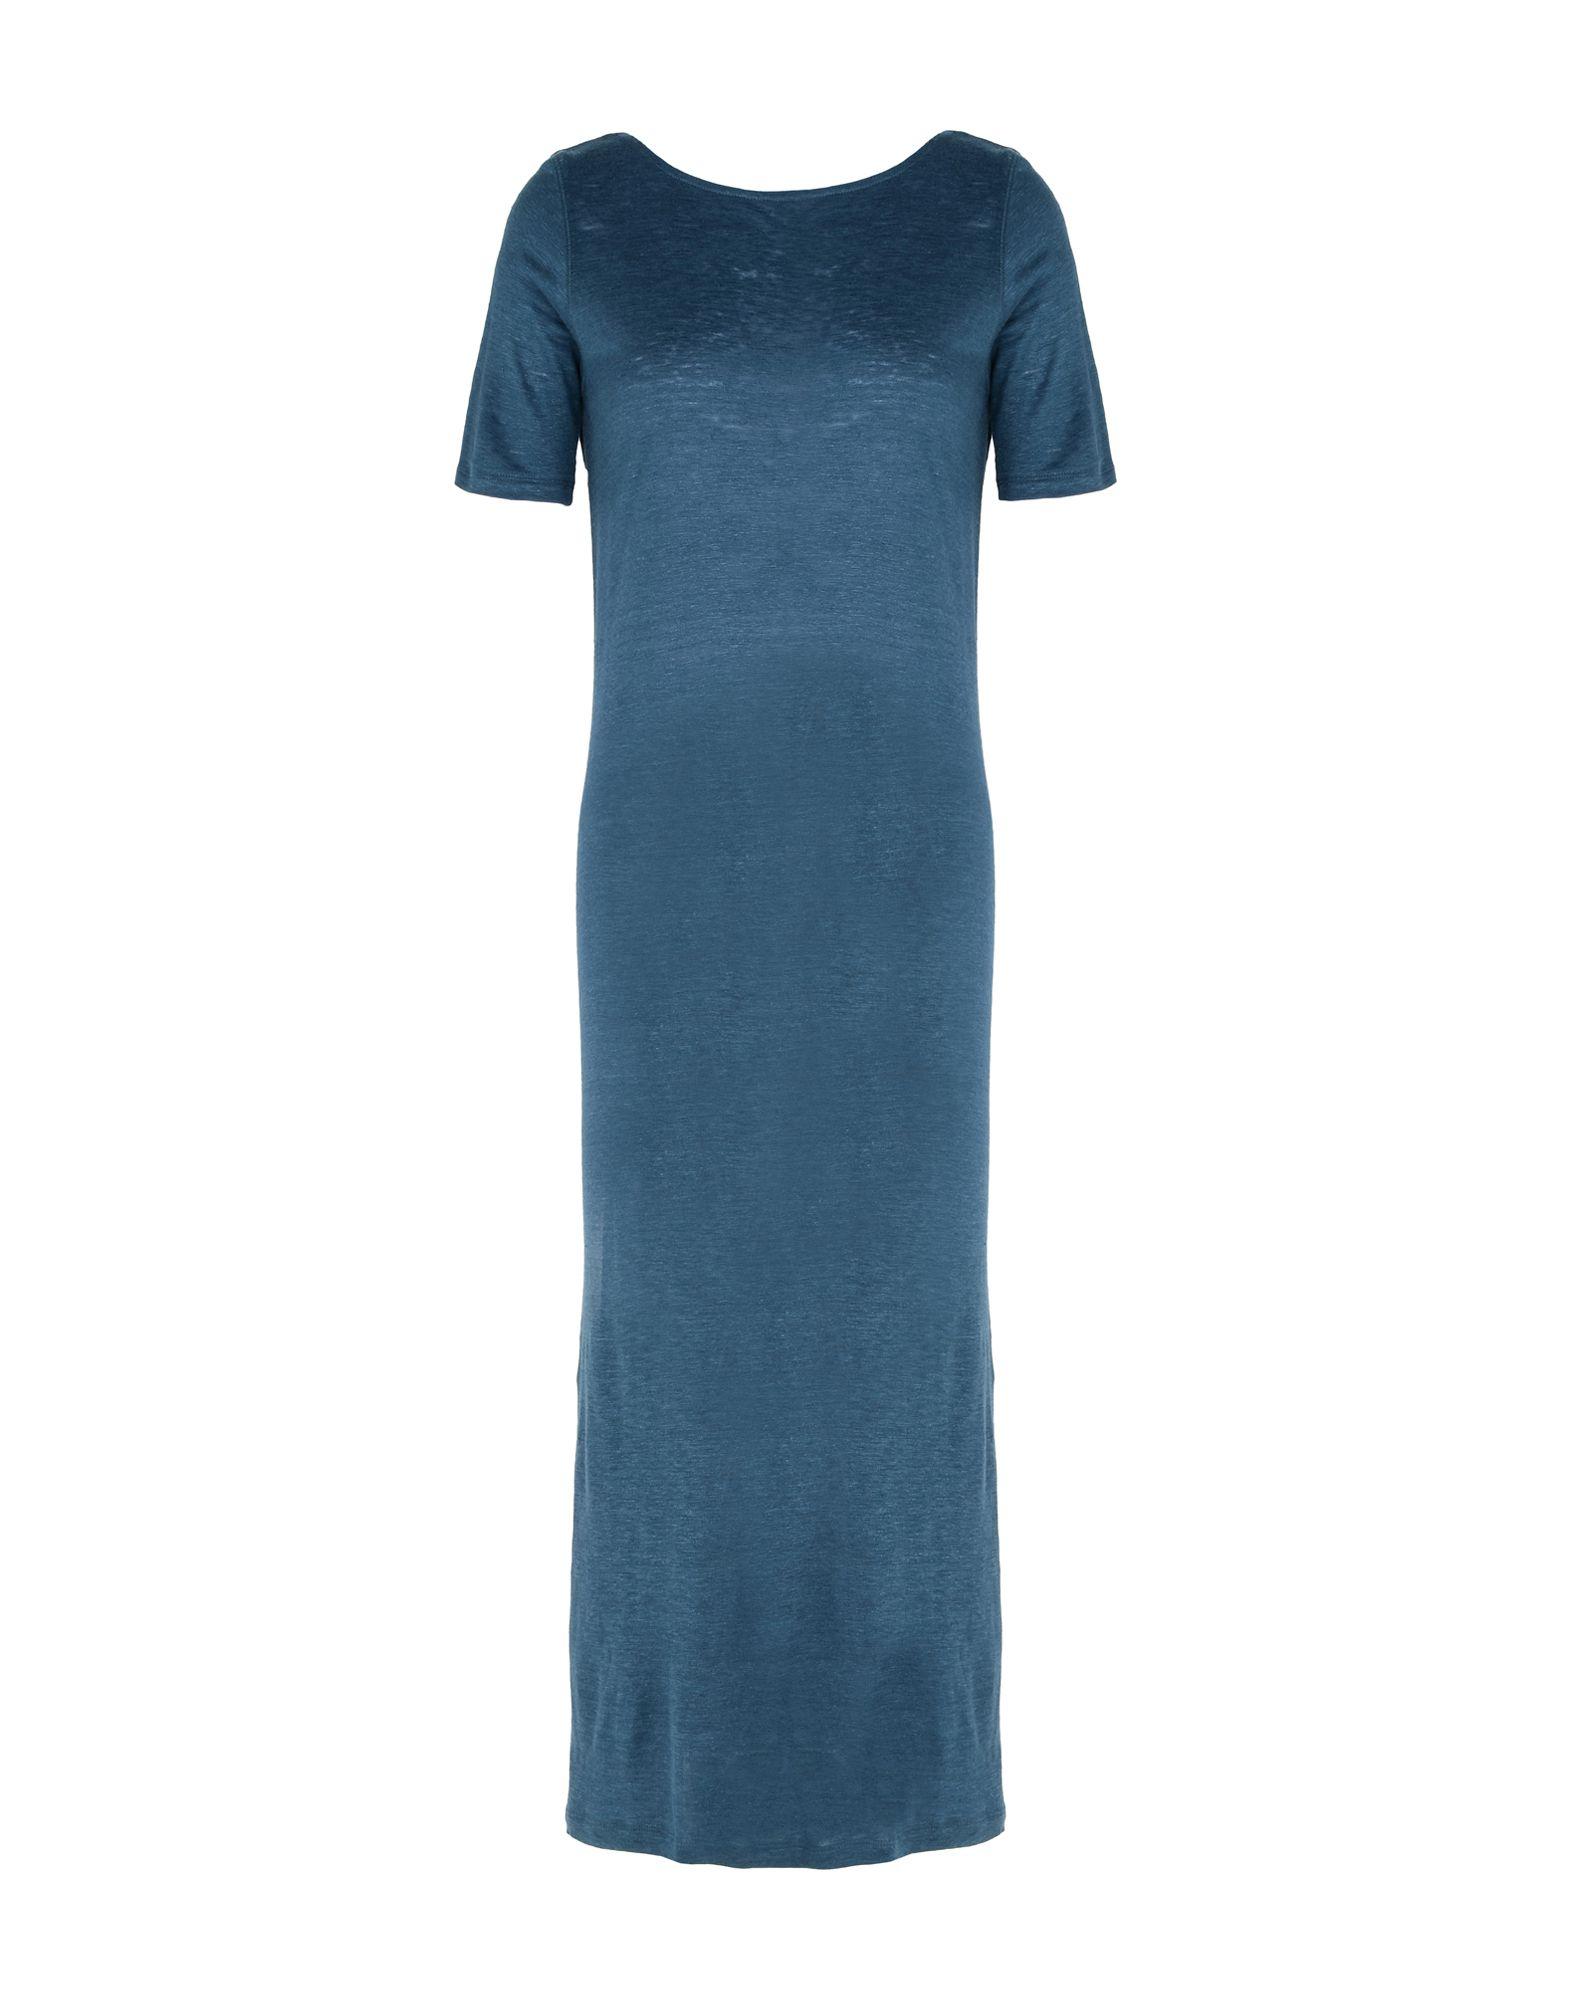 MAJESTIC FILATURES Платье длиной 3/4 lisa corti платье длиной 3 4